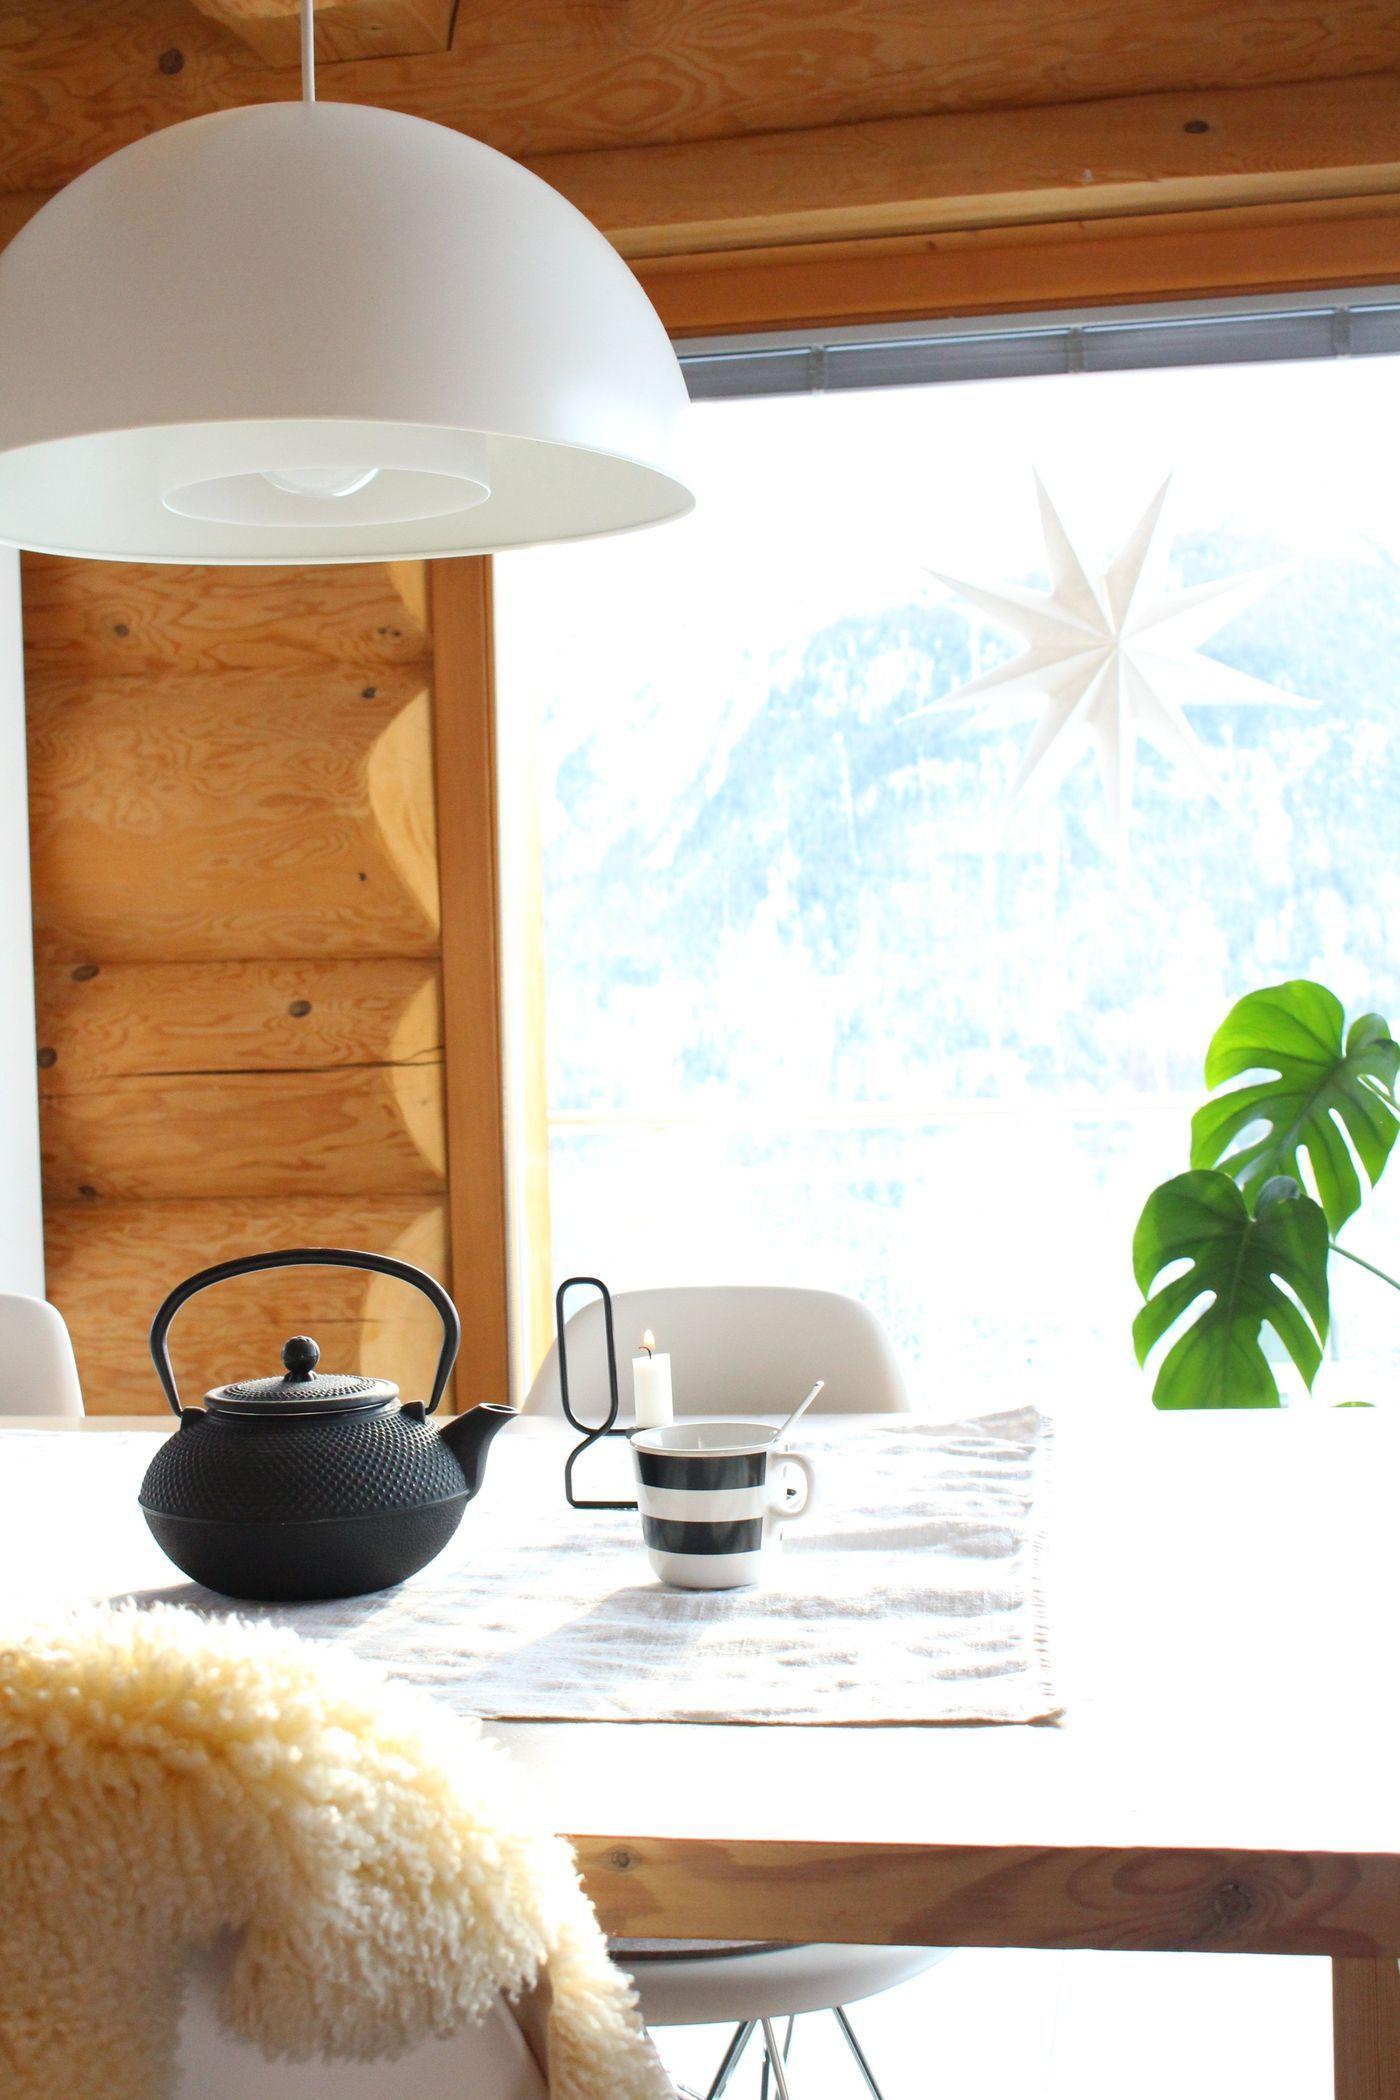 Full Size of Schnsten Ideen Mit Ikea Leuchten Küche Kosten Betten 160x200 Sofa Schlaffunktion Kaufen Modulküche Bei Miniküche Wohnzimmer Hängelampen Ikea